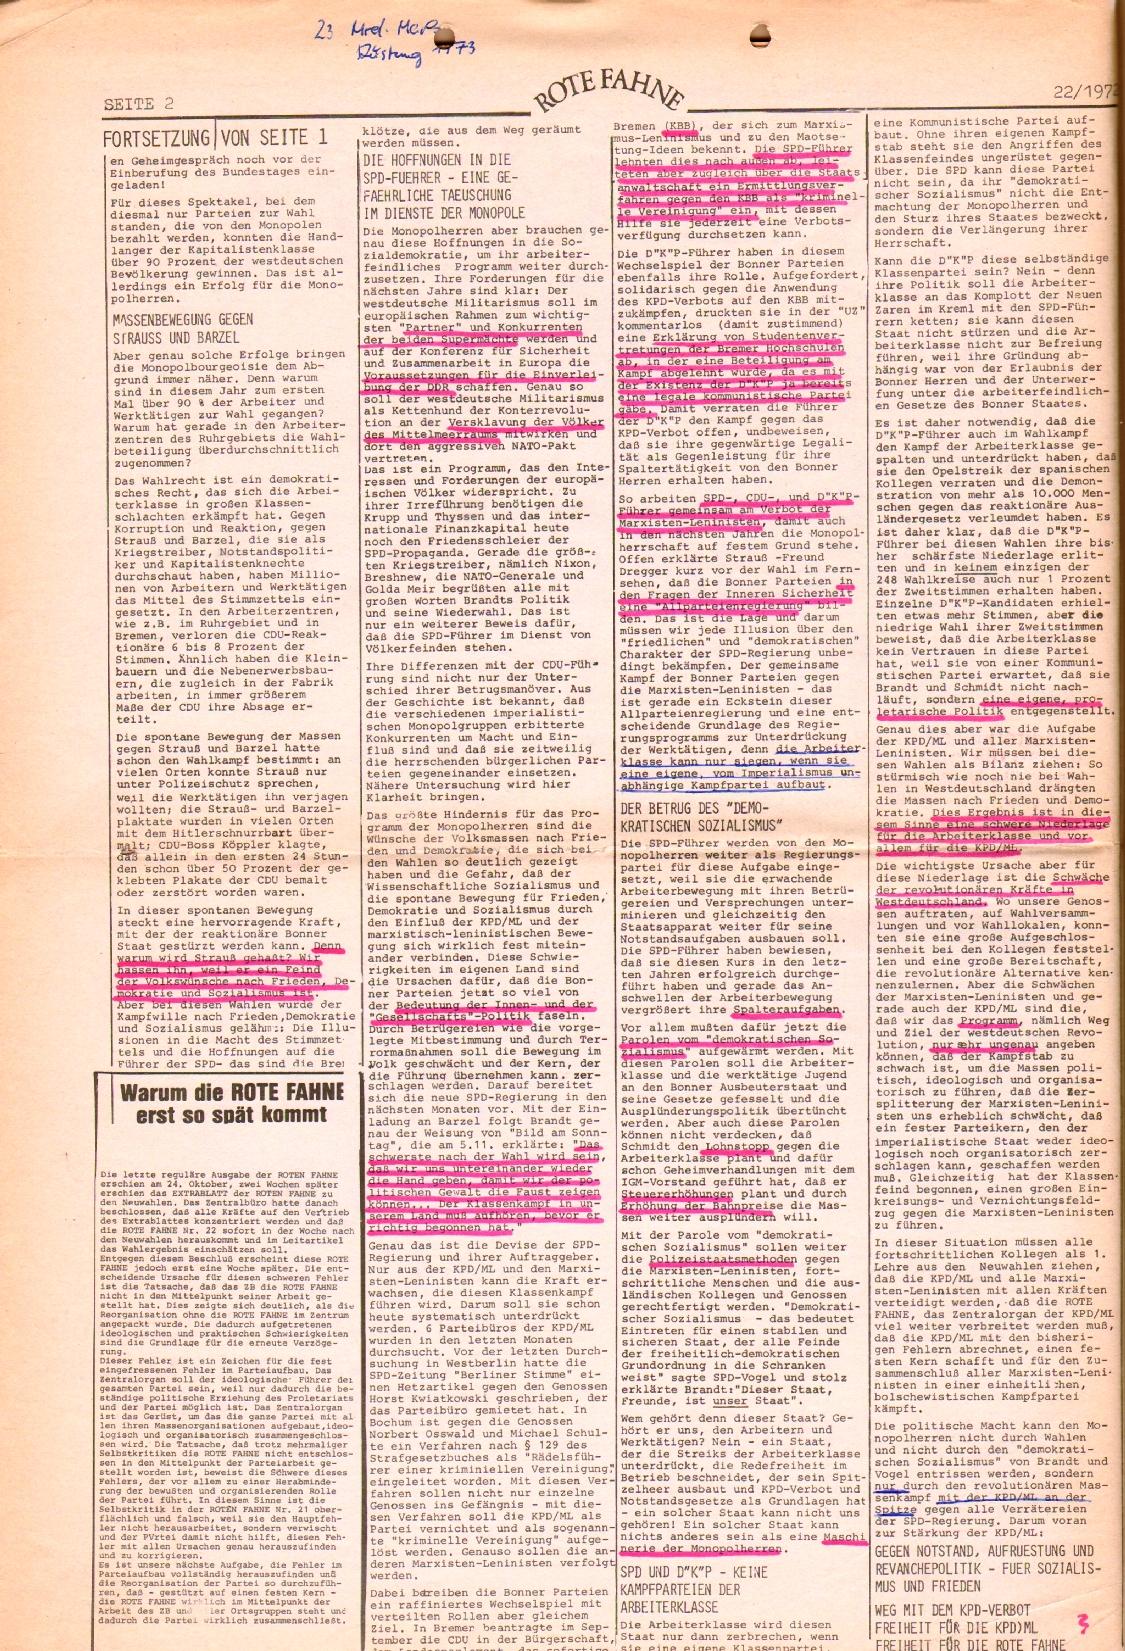 Rote Fahne, 3. Jg., 1.12.1972, Nr. 22, Seite 2